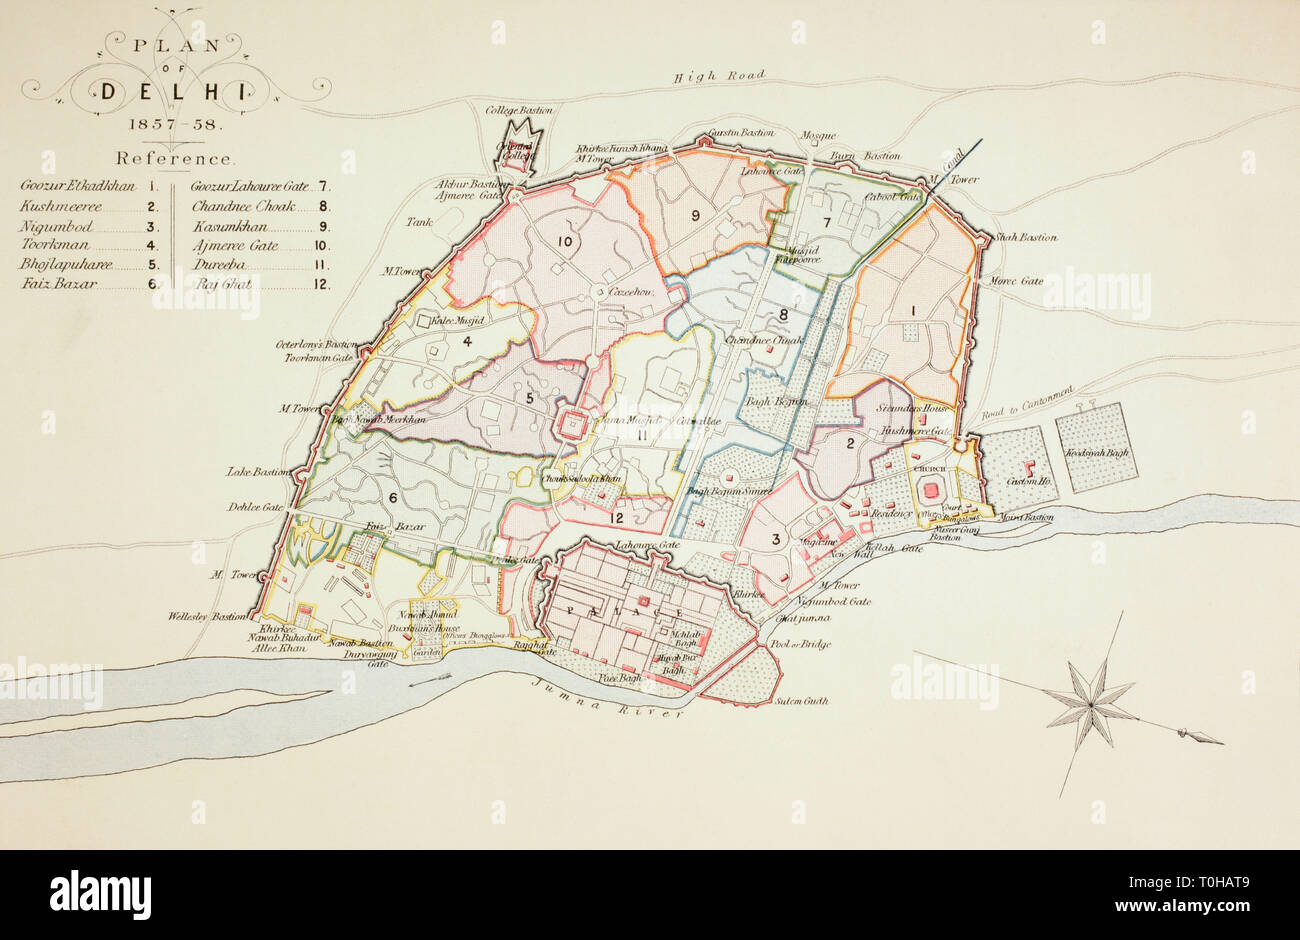 Plan of Delhi, India, Asia, 1857 Stock Photo